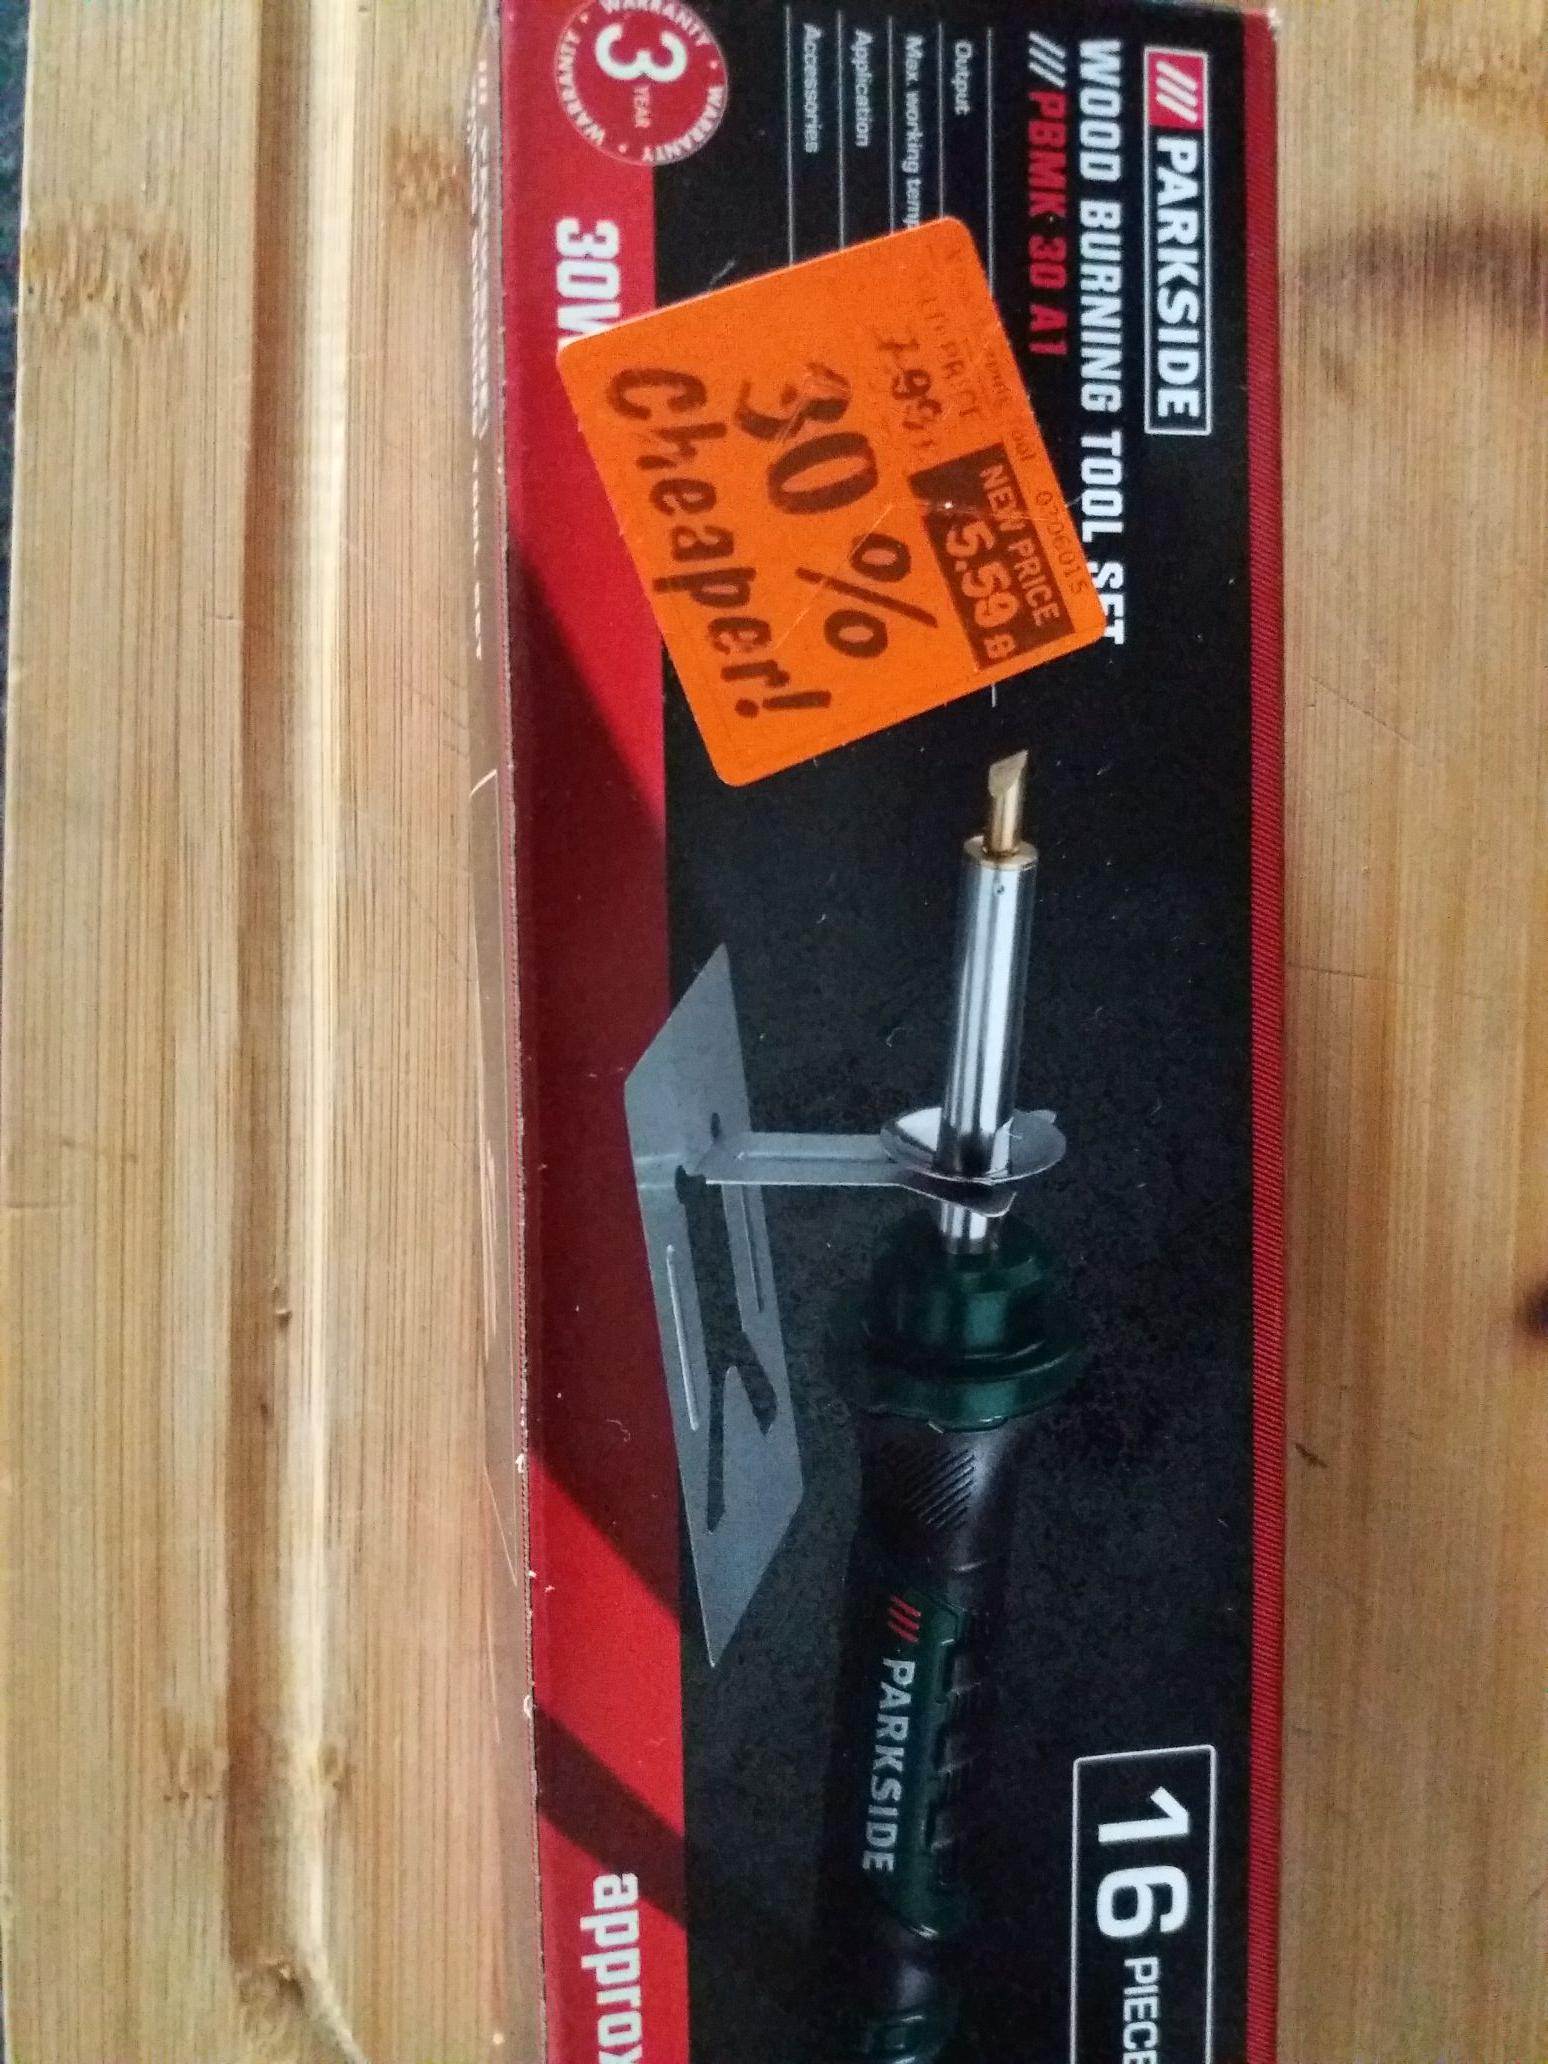 Parkside wood burning tool set £5.59 At lidl